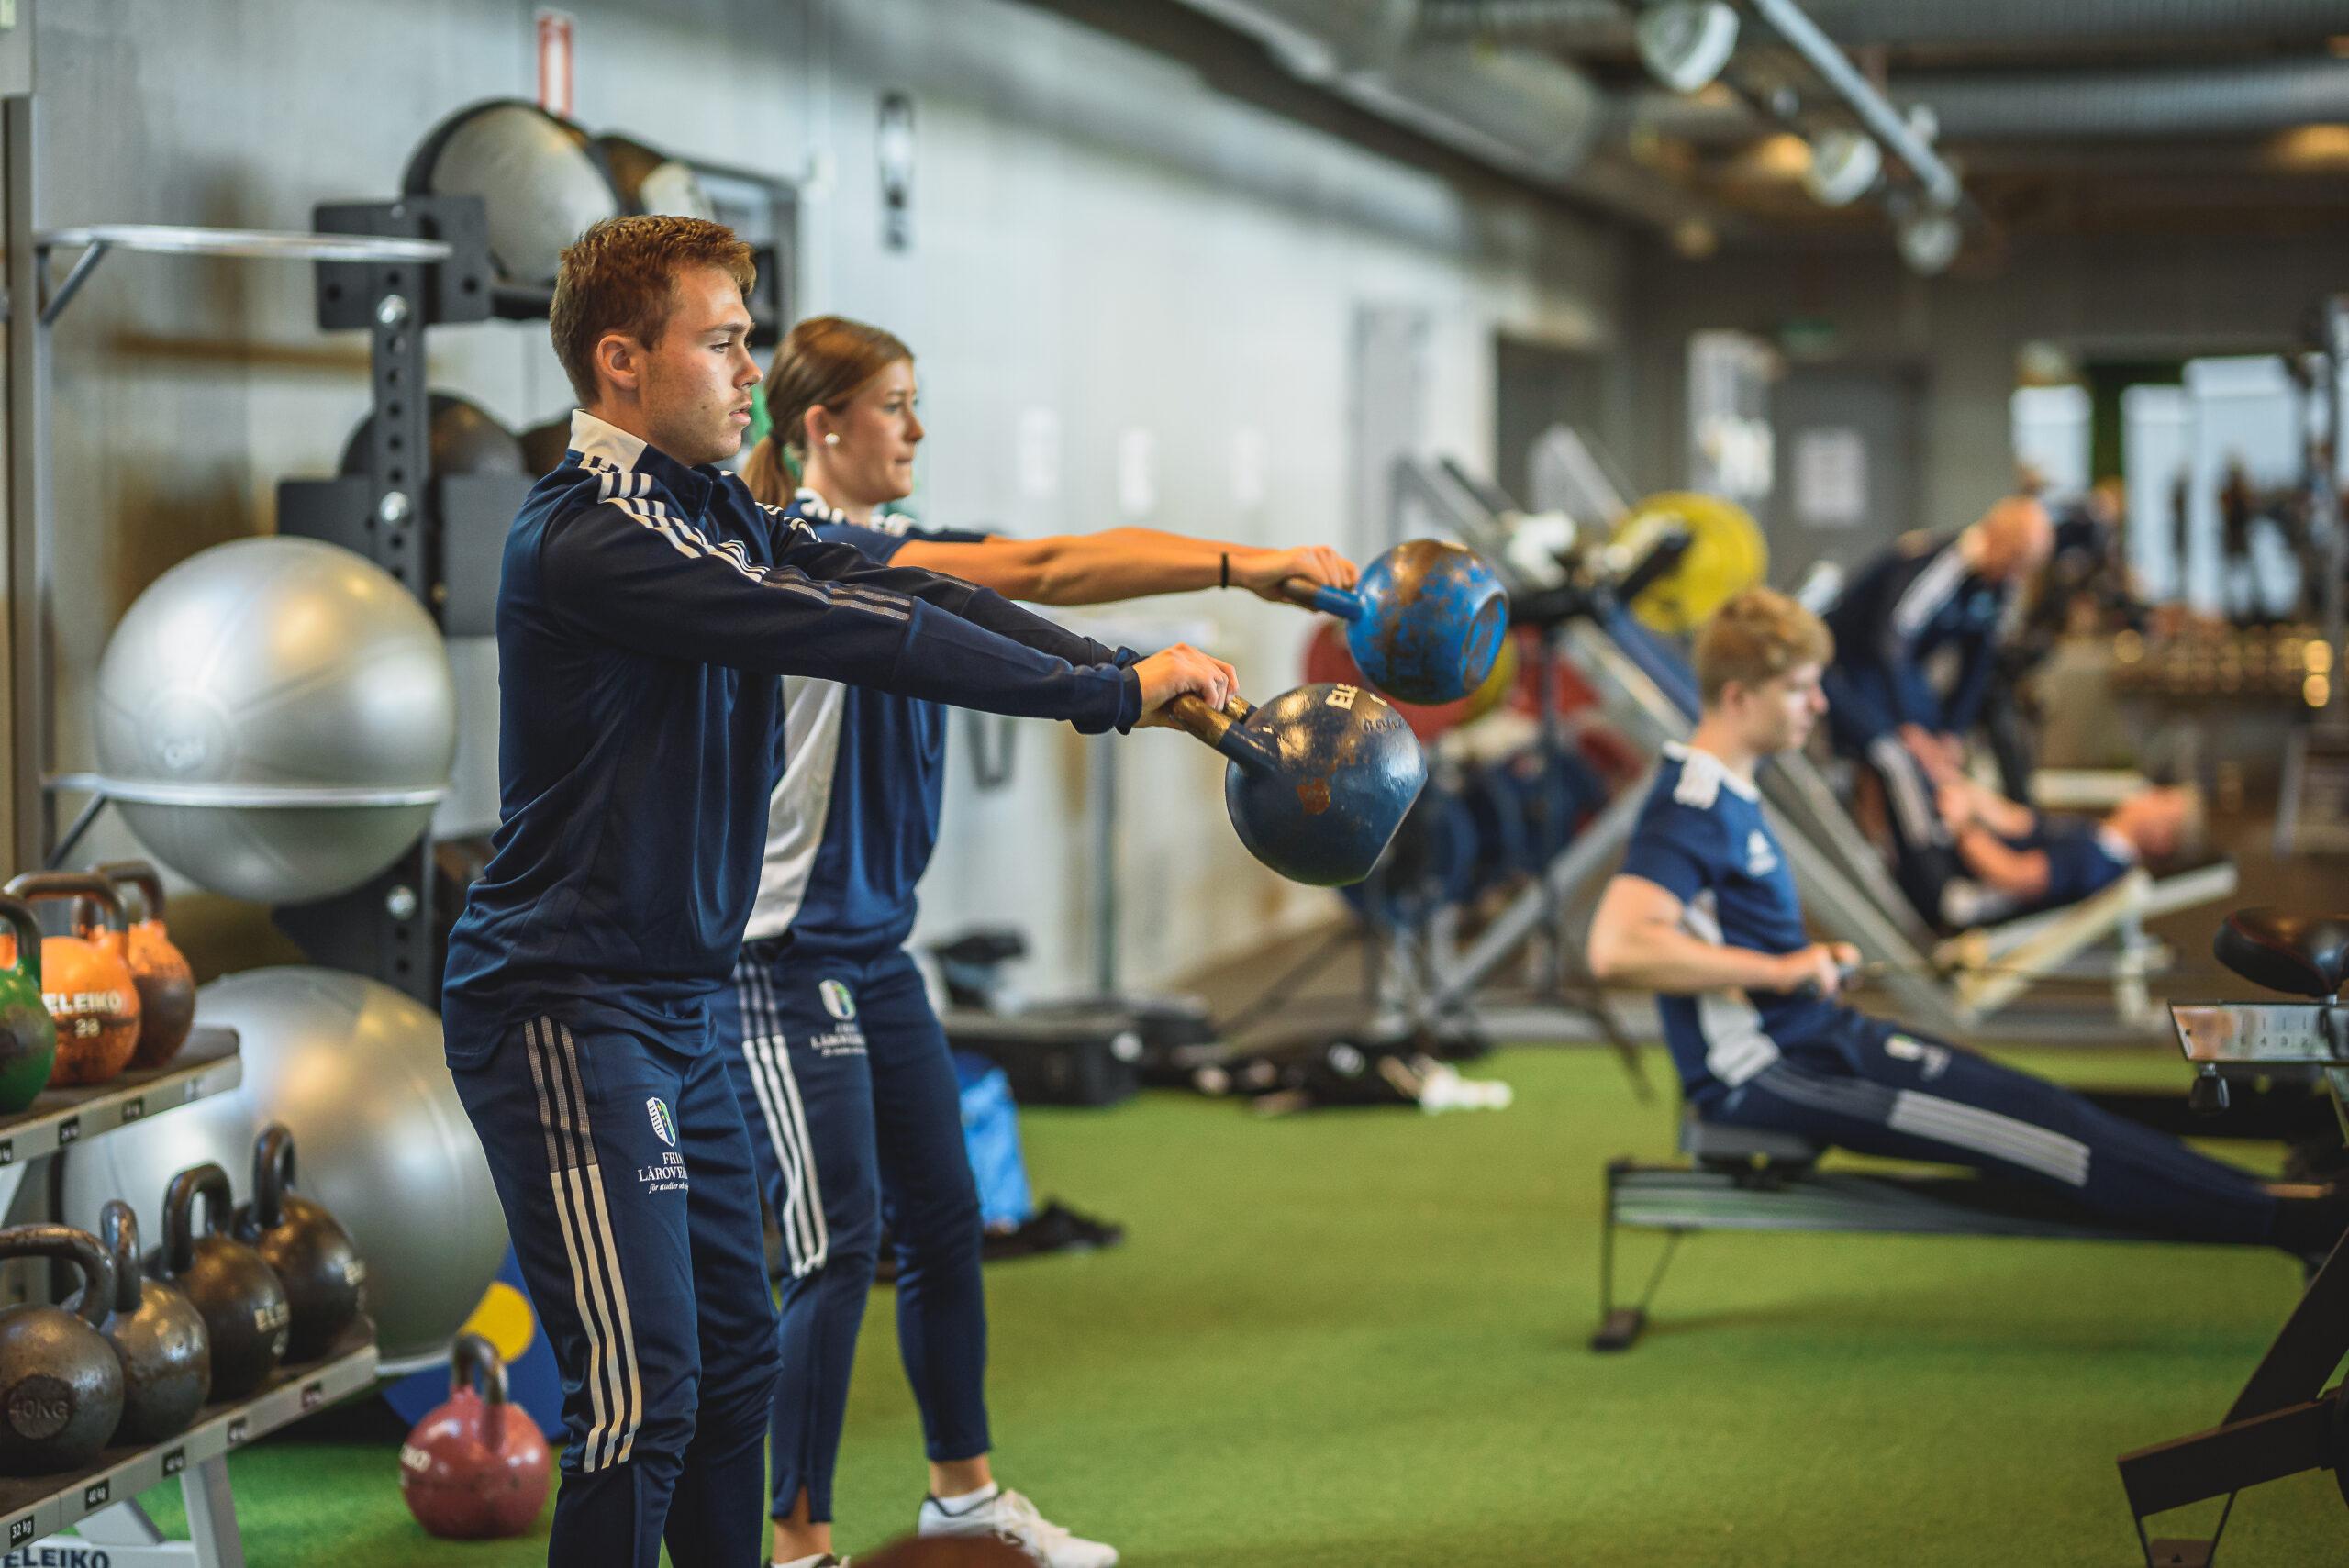 Två elever tränar med kettlebell på gymmet.